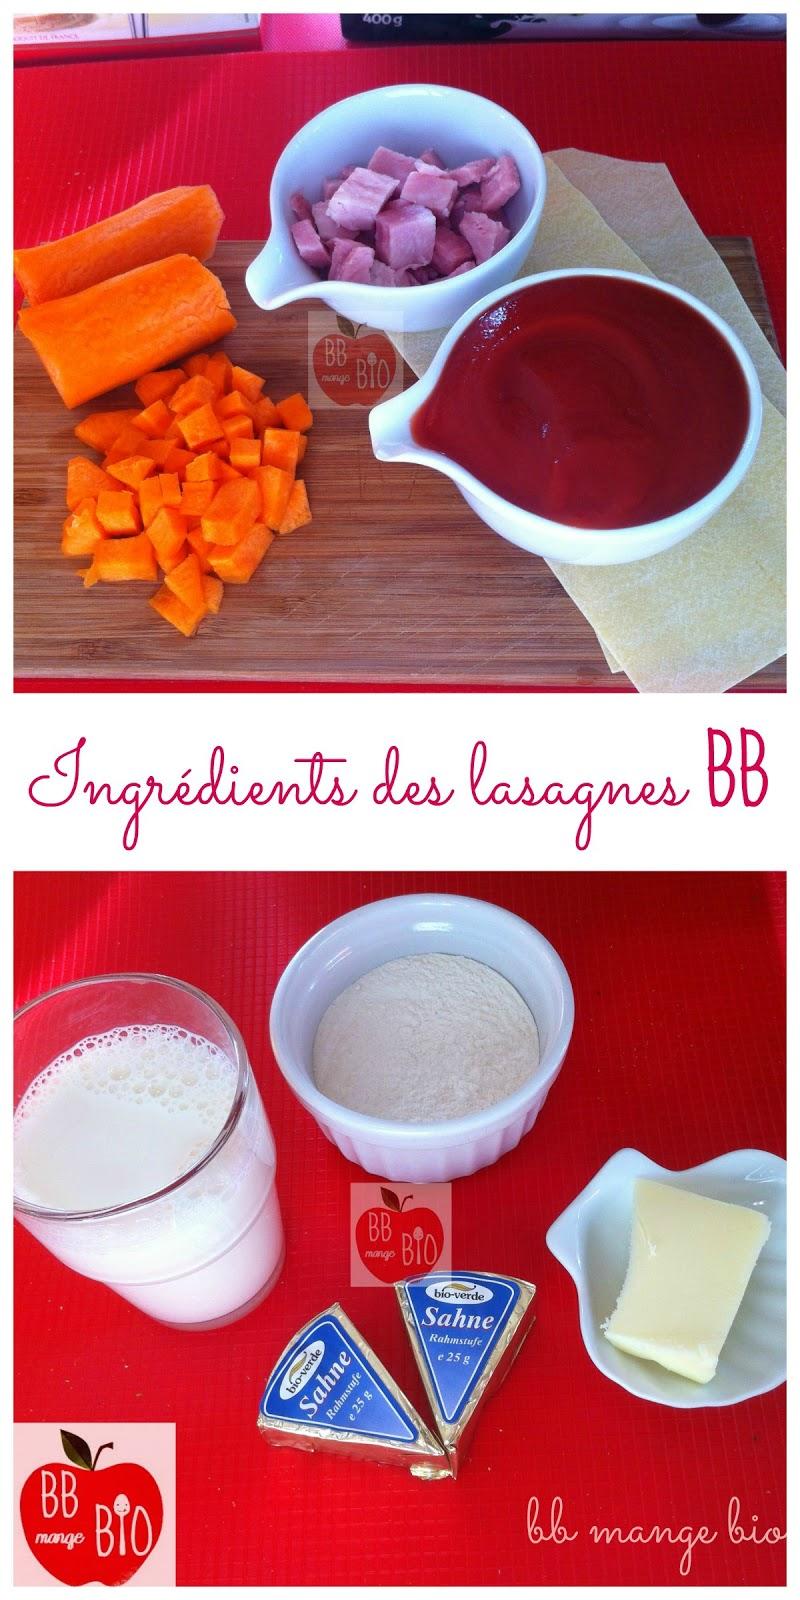 Les ingrédients pour préparer 2 à 3 portions des premières lasagnes de bébé